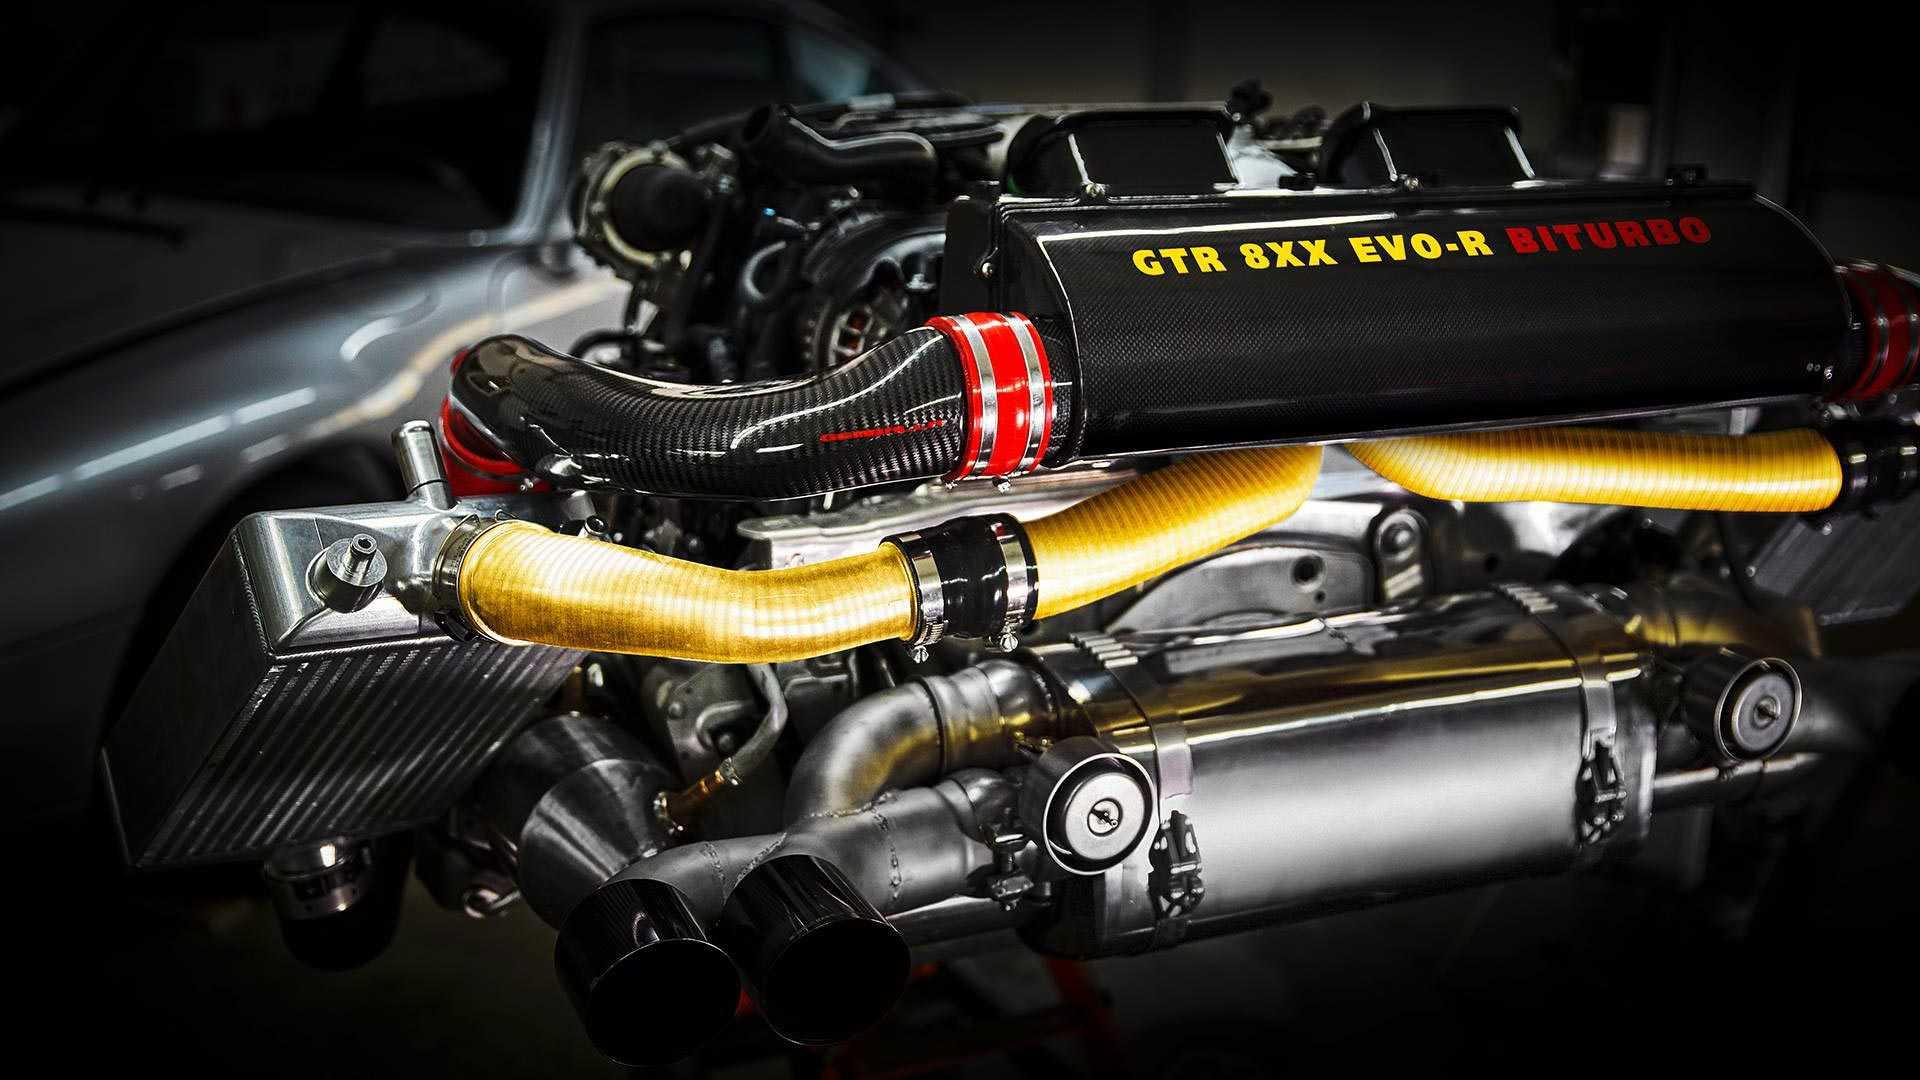 جيمبالا GTR 8XX